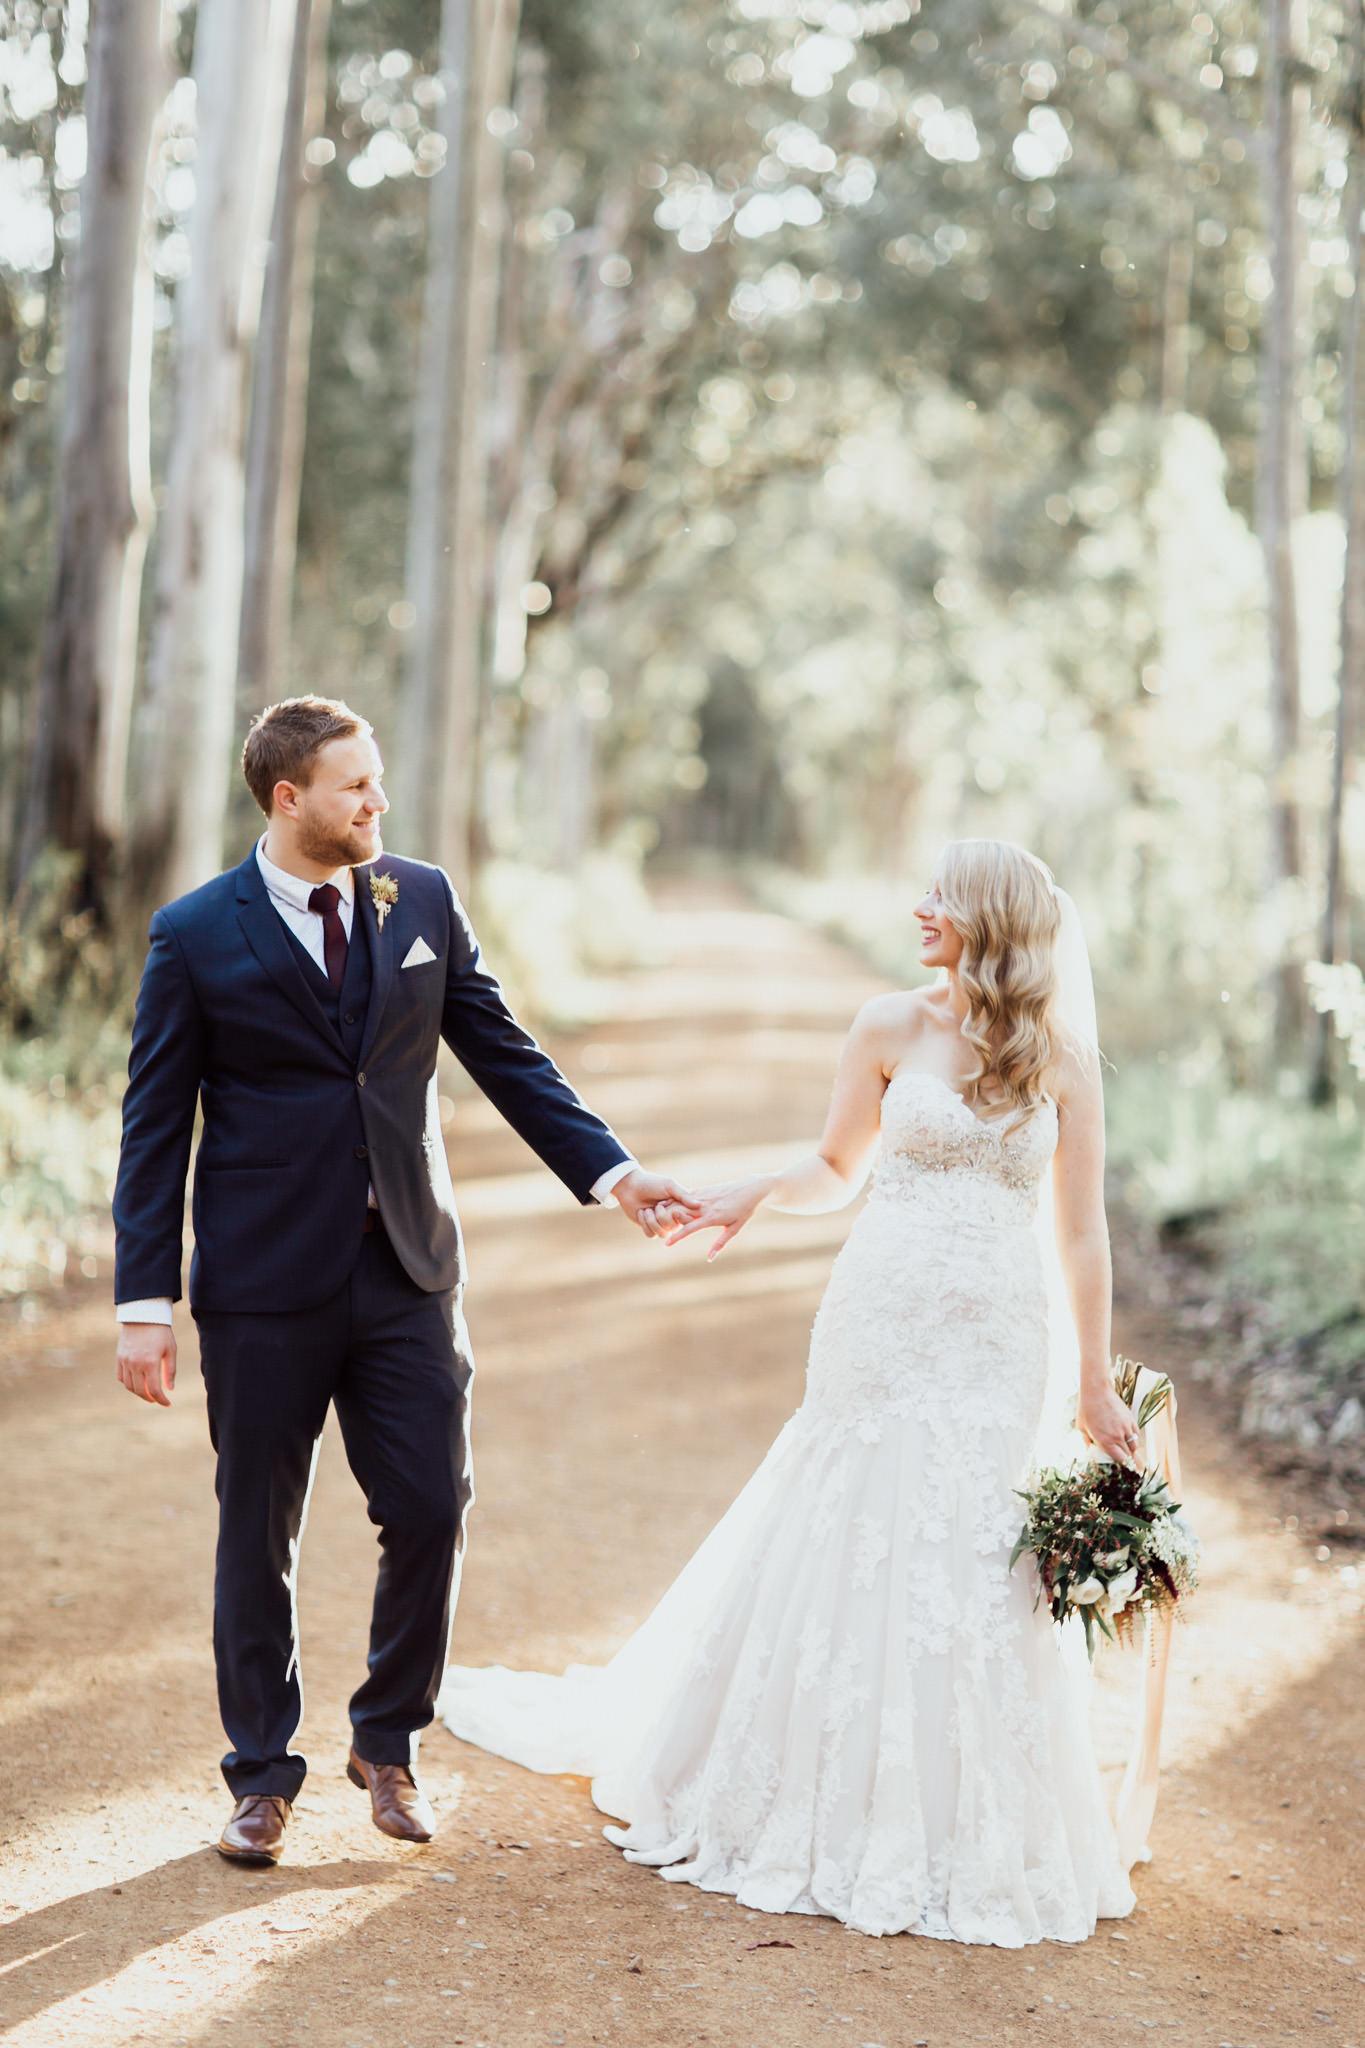 WeddingPhotos_Facebook_2048pixels-1088.jpg